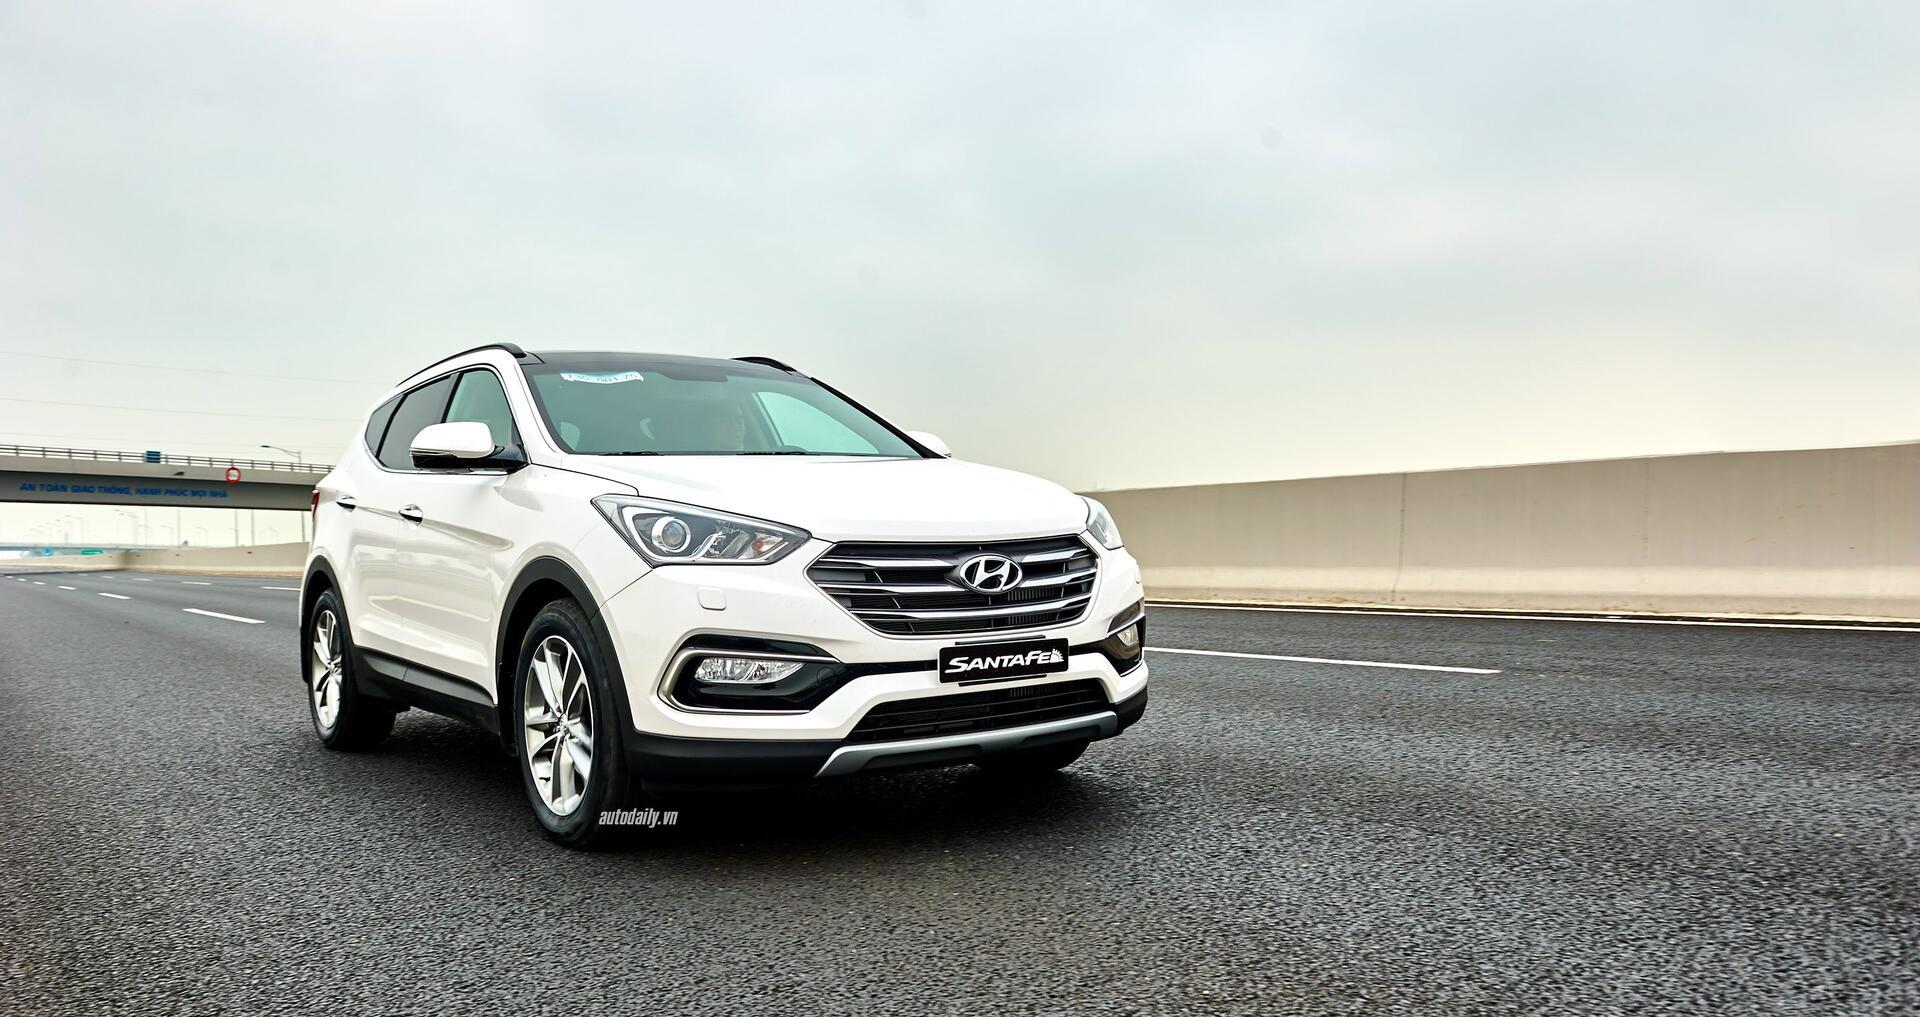 Đánh giá ban đầu về Hyundai SantaFe 2016 phiên bản máy dầu - Hình 10